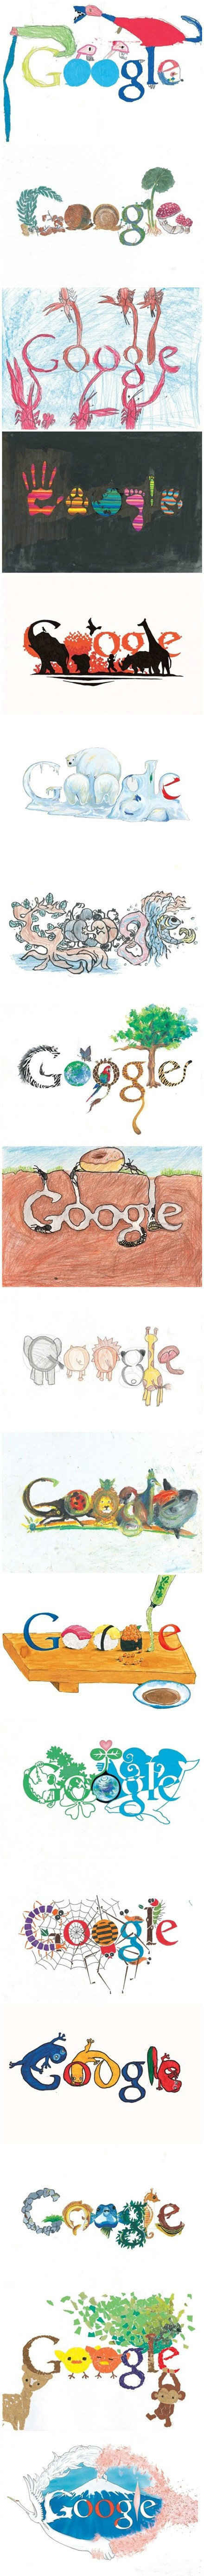 日本中小学生Google Doodle作品,孩子们的创意真是令大人们汗颜啊!